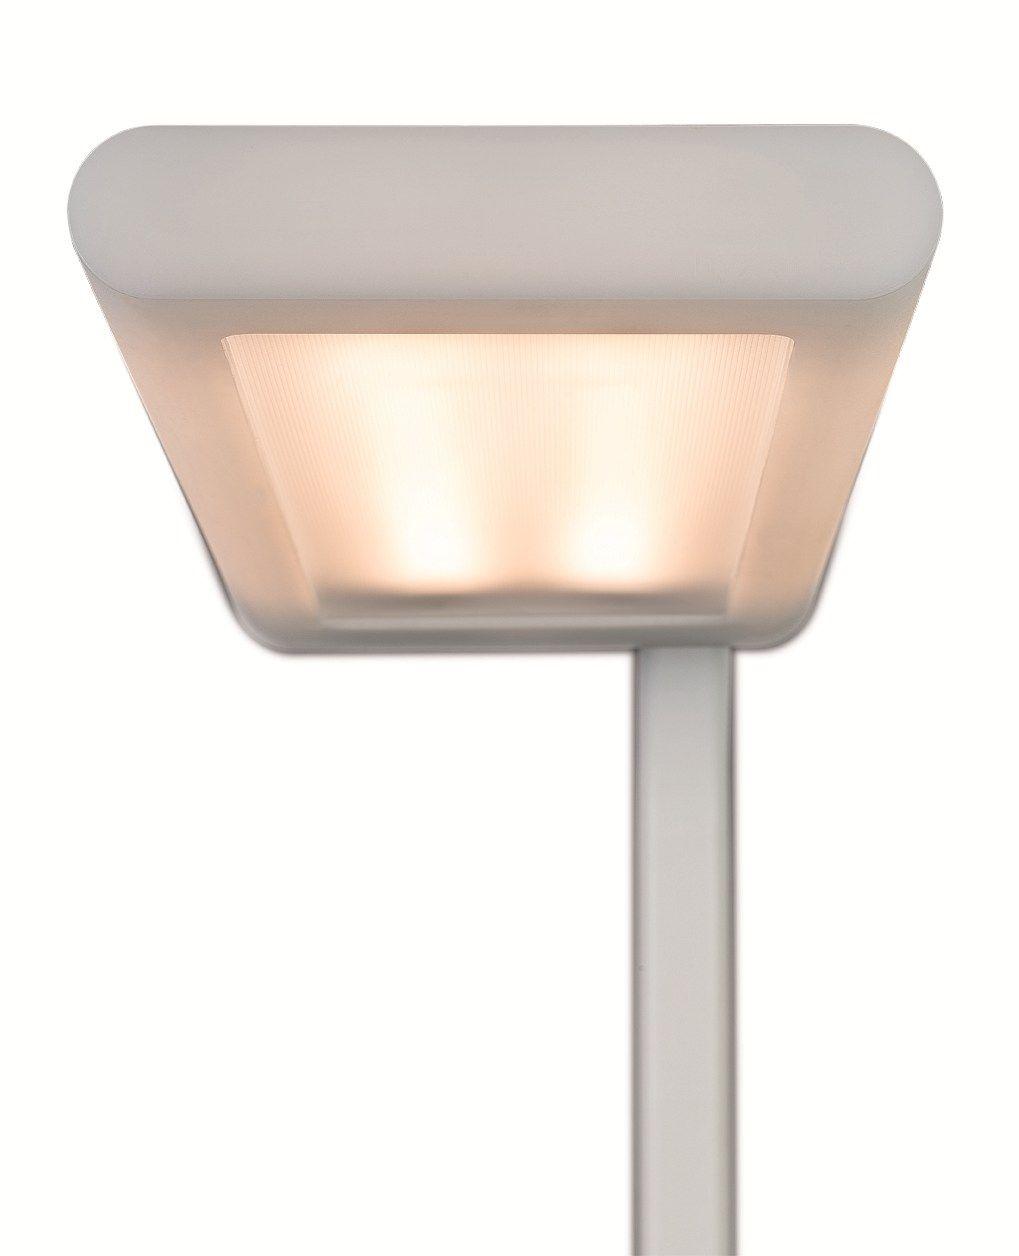 Floor lamp airlight by quadrifoglio sistemi d 39 arredo for Quadrifoglio arredo ufficio